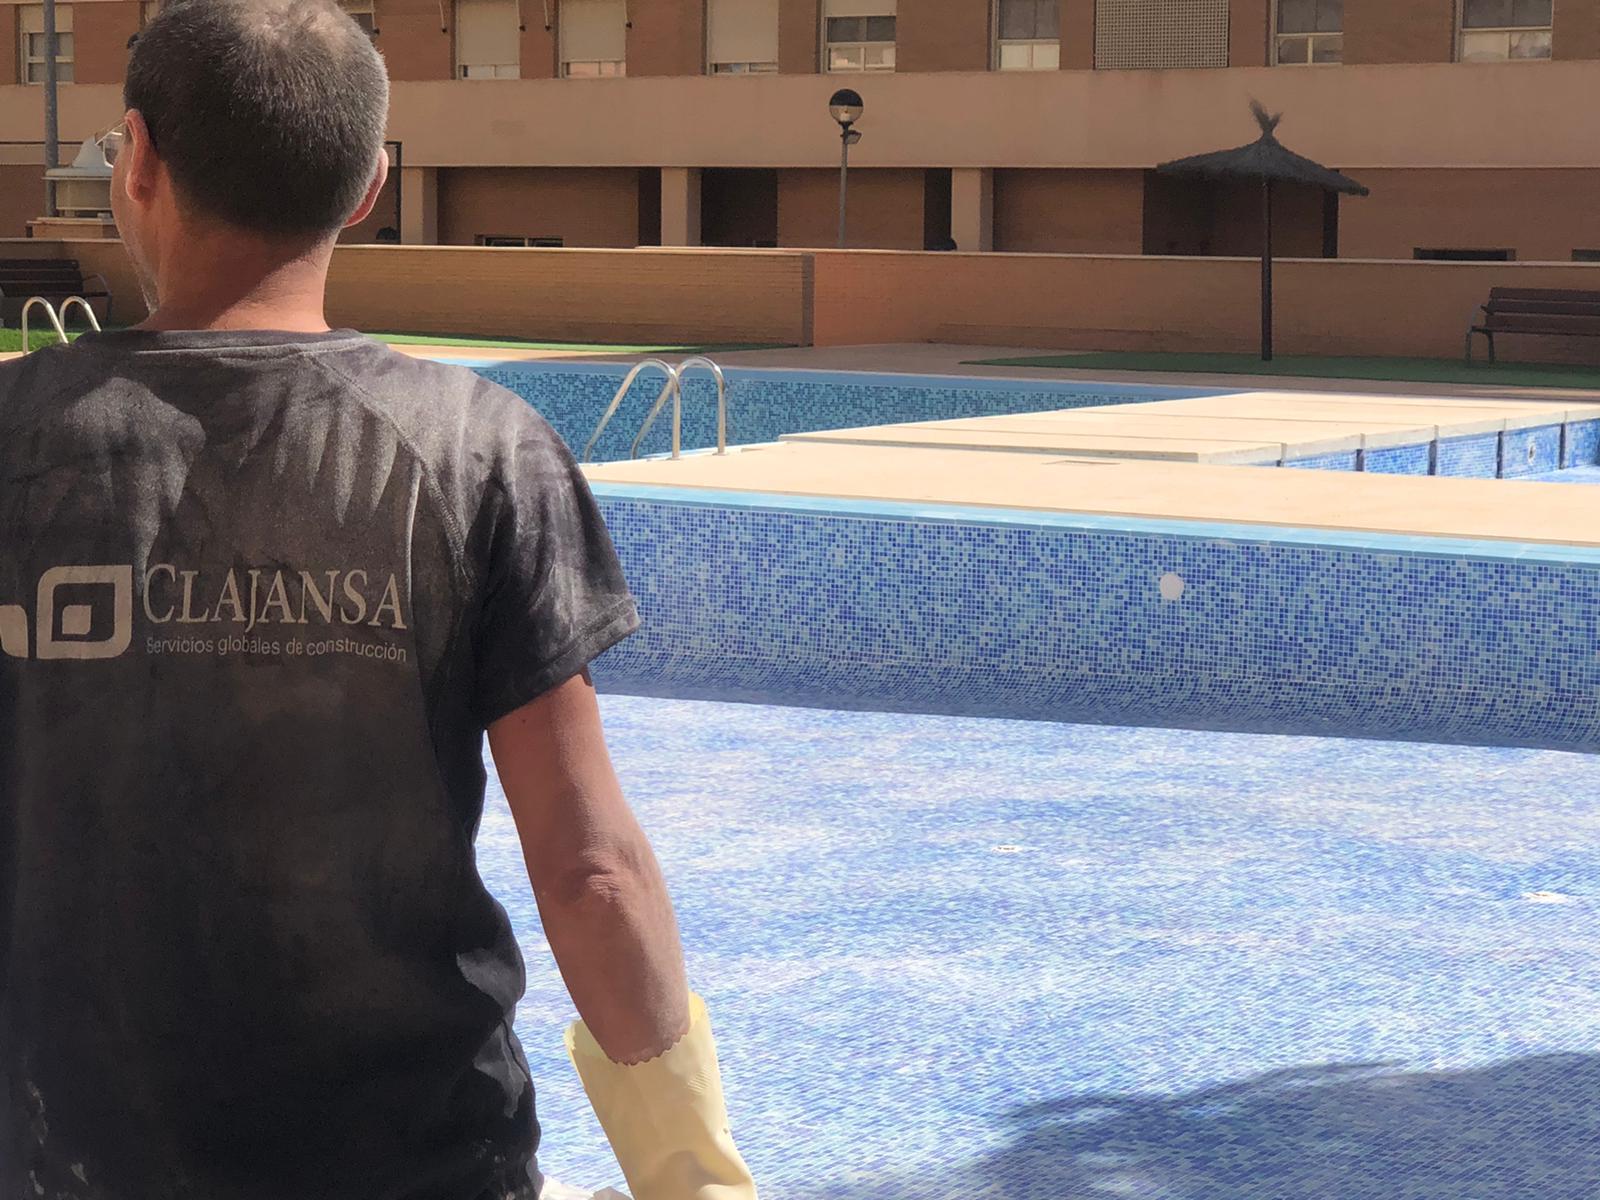 Clajansa – Servicios Globales de Construcción